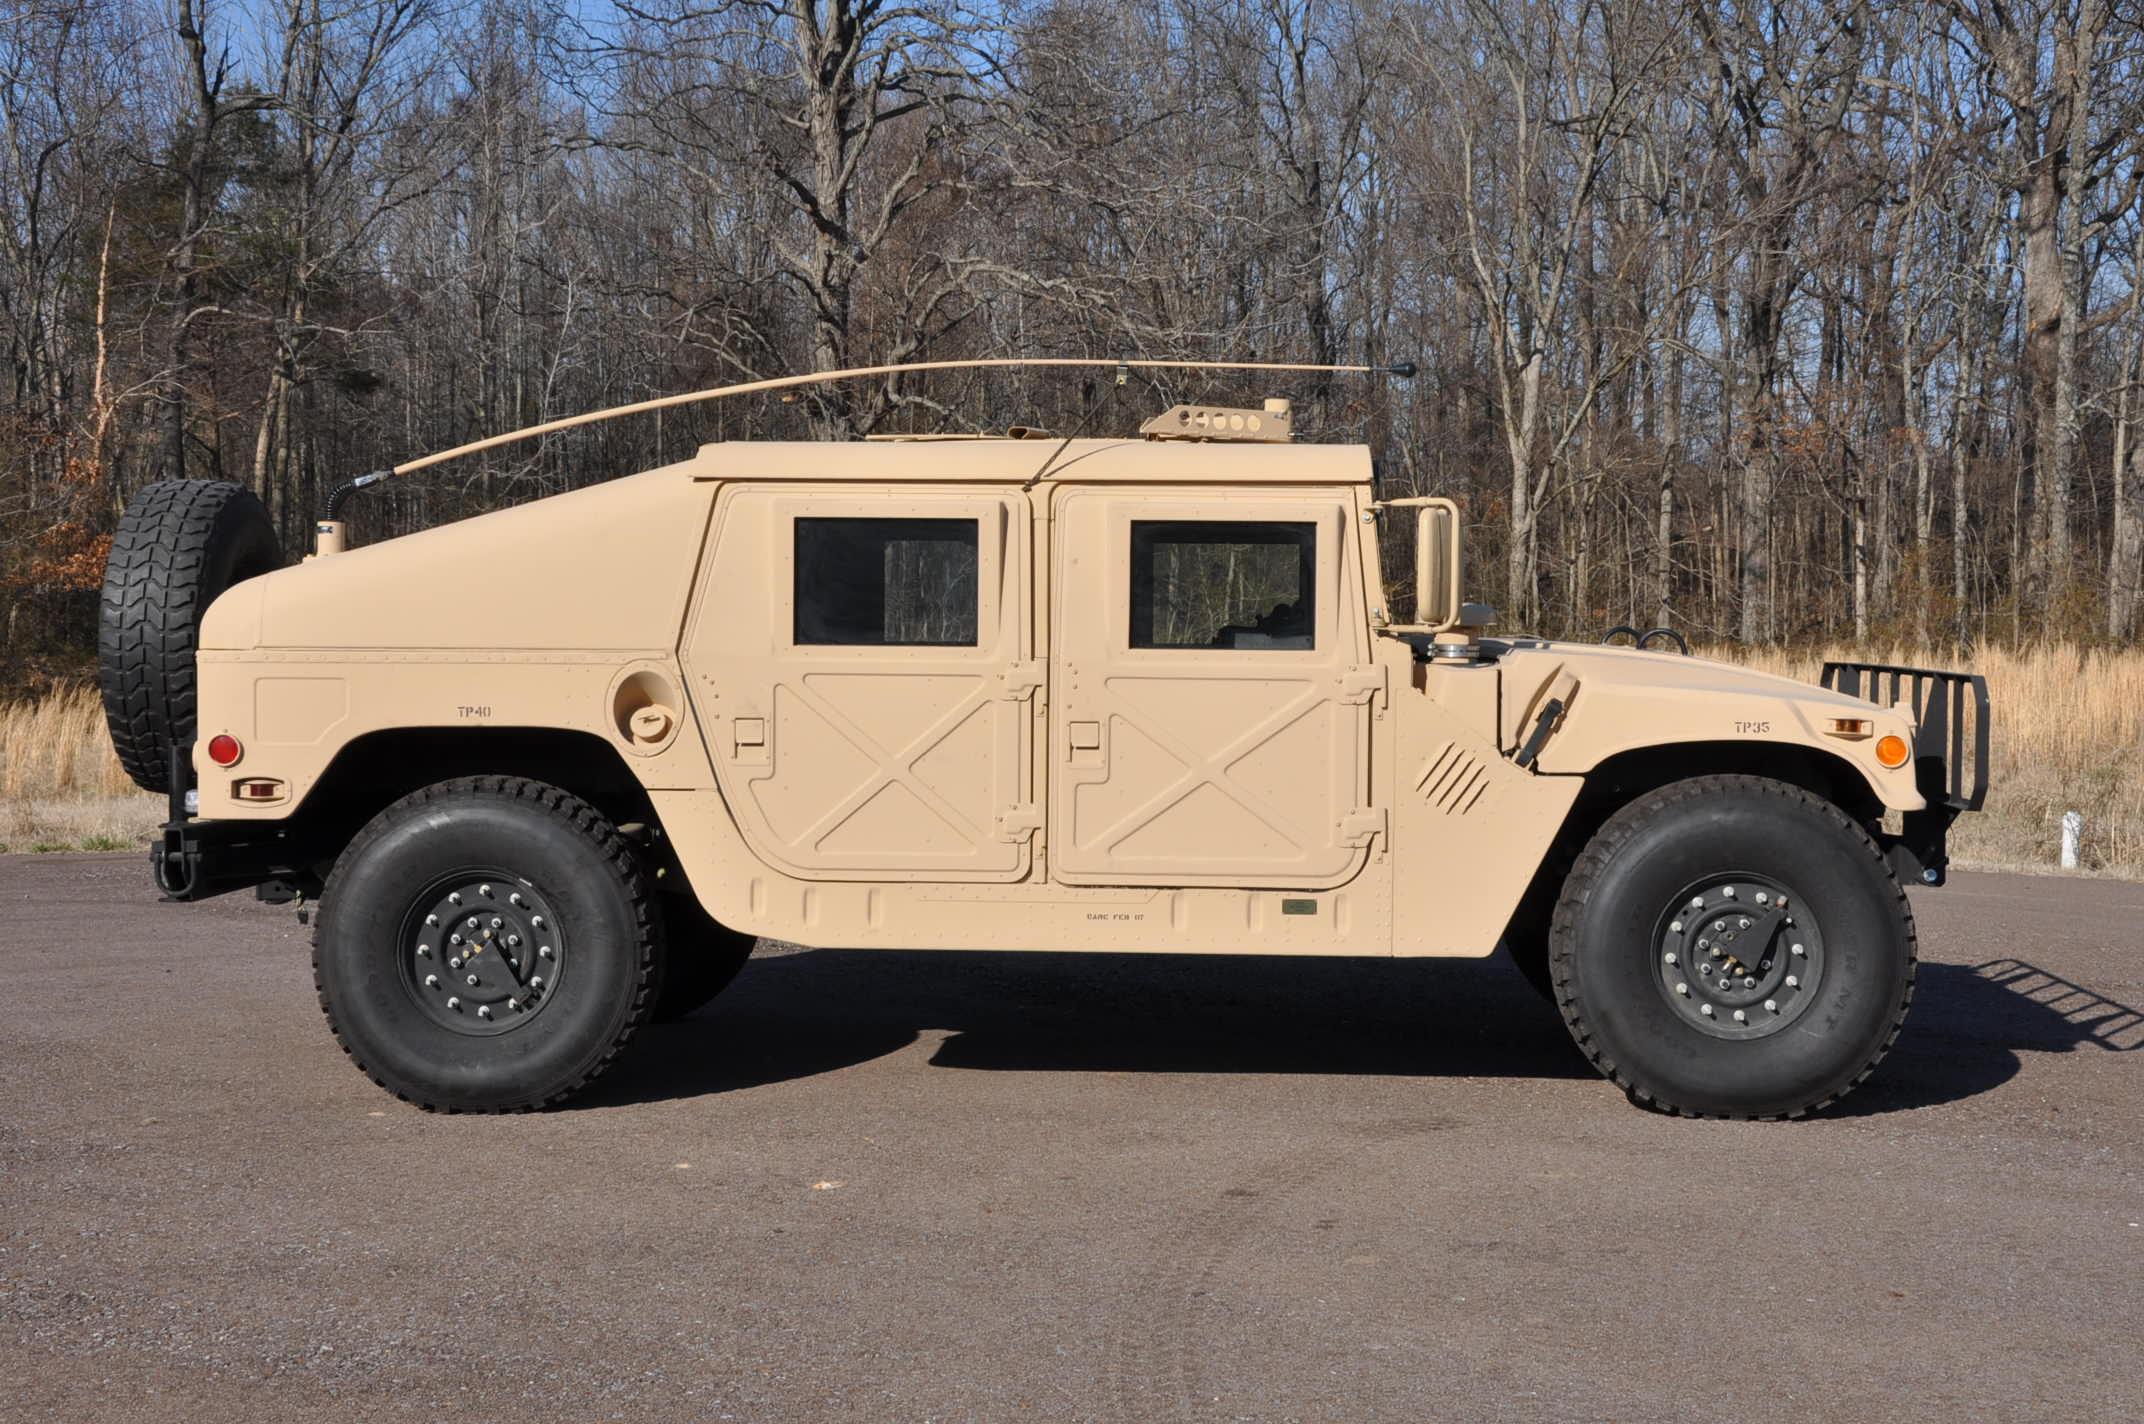 Desert-Feb-20-2009-3-18 & Used H1 | Custom H1 Humvee HMMWV Builds Accessories \u0026 Galleries ...